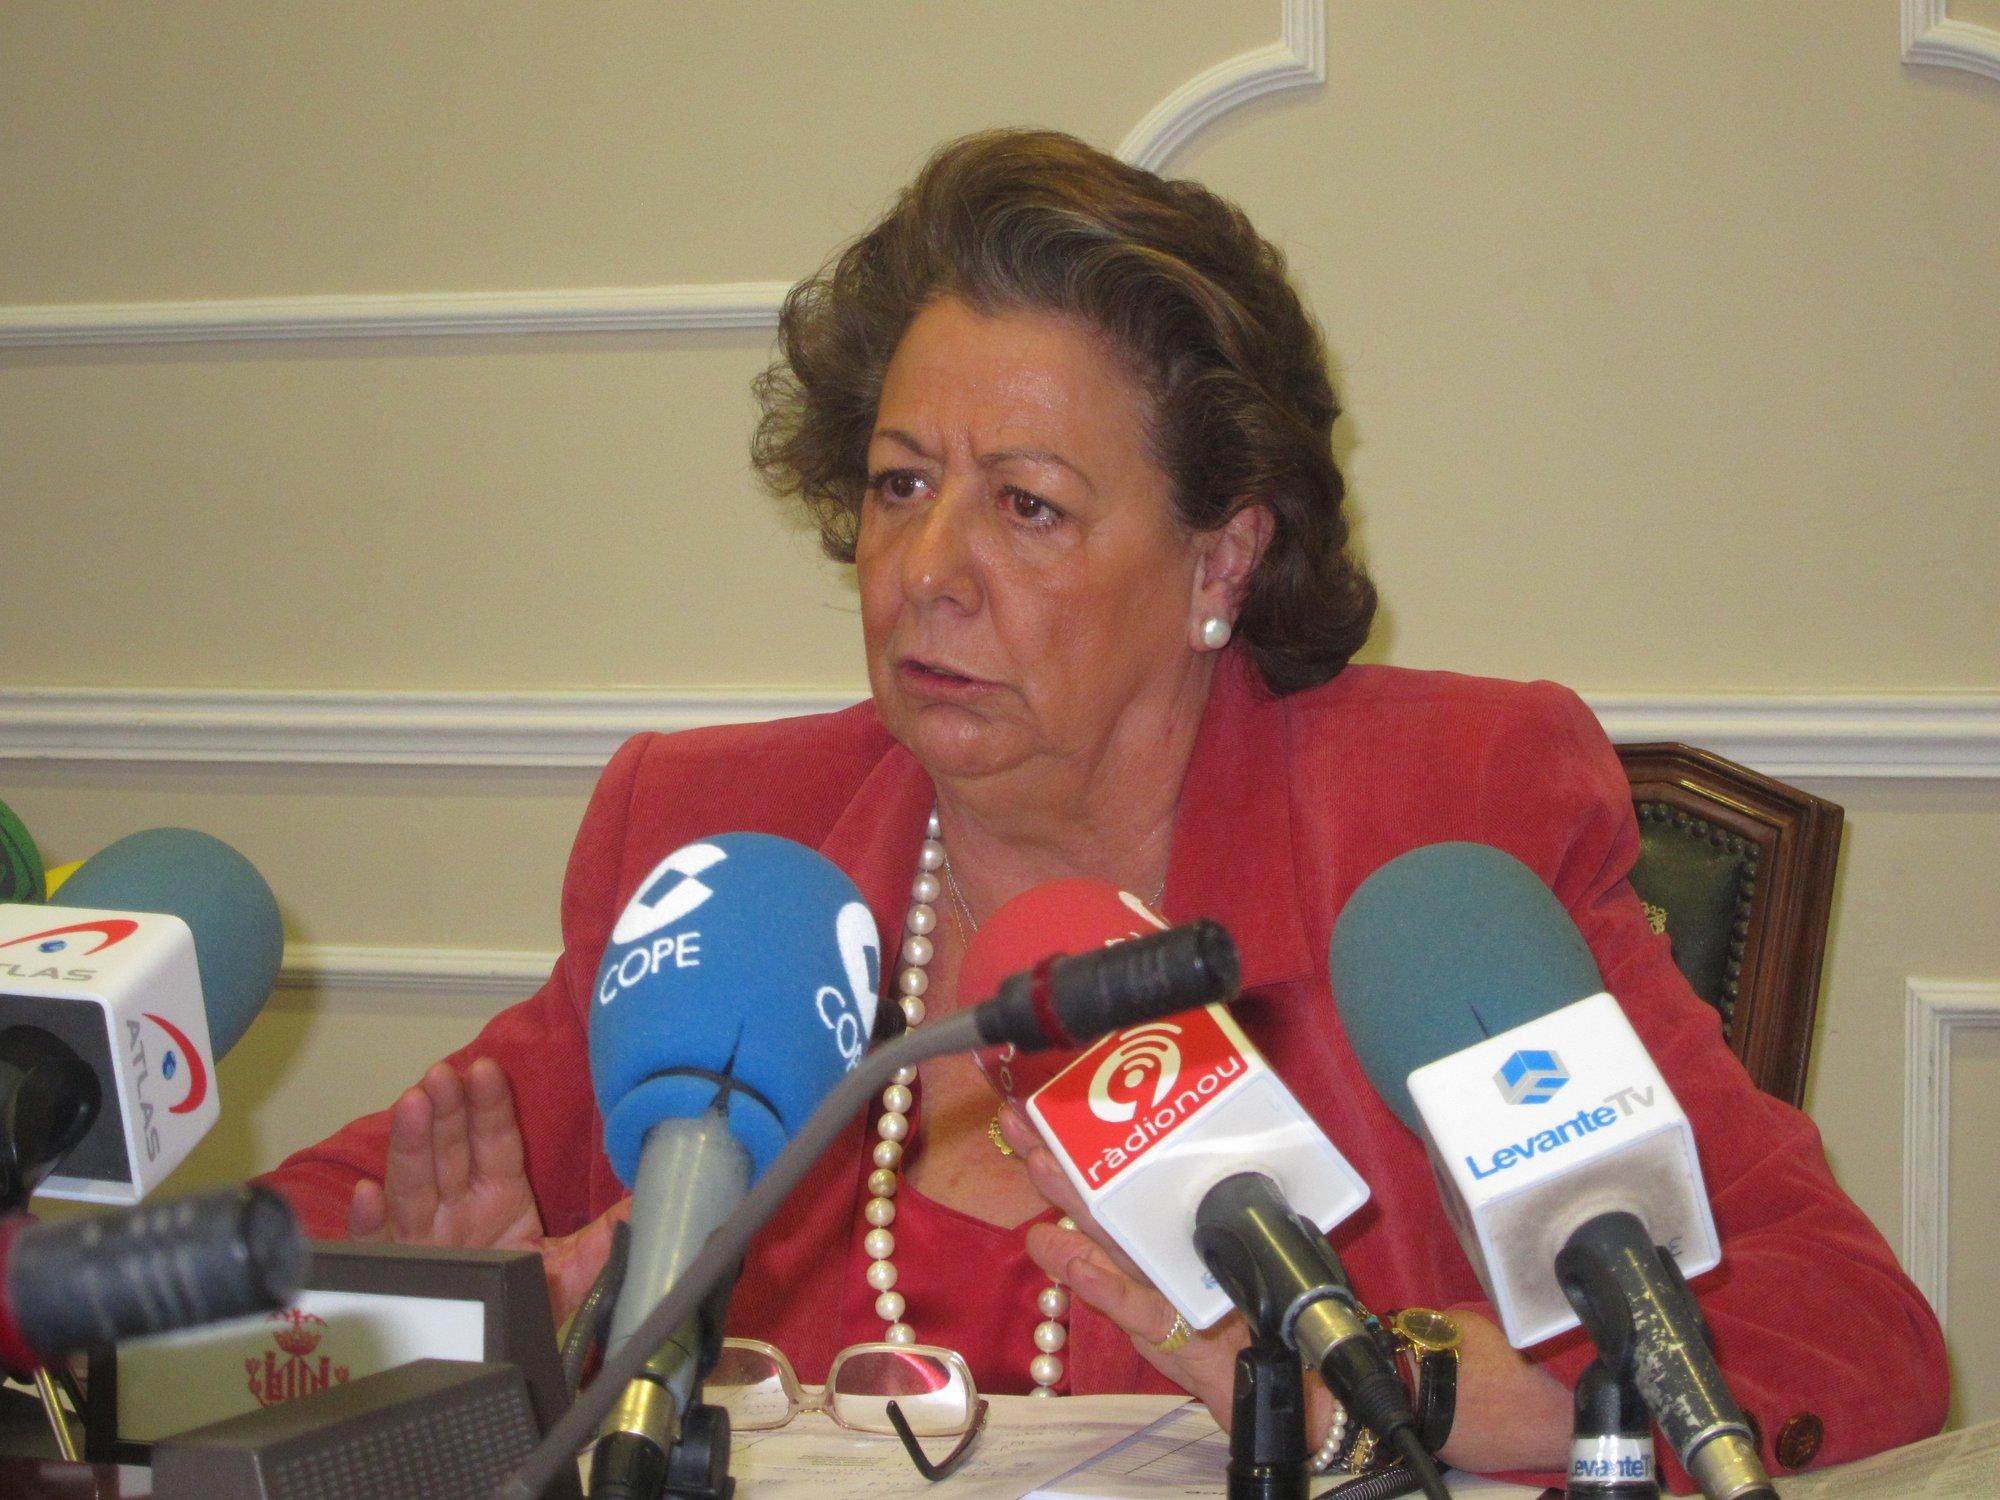 Ayuntamiento, Puertos del Estado y Consorcio se reúnen el lunes para desbloquear la cesión de la dársena